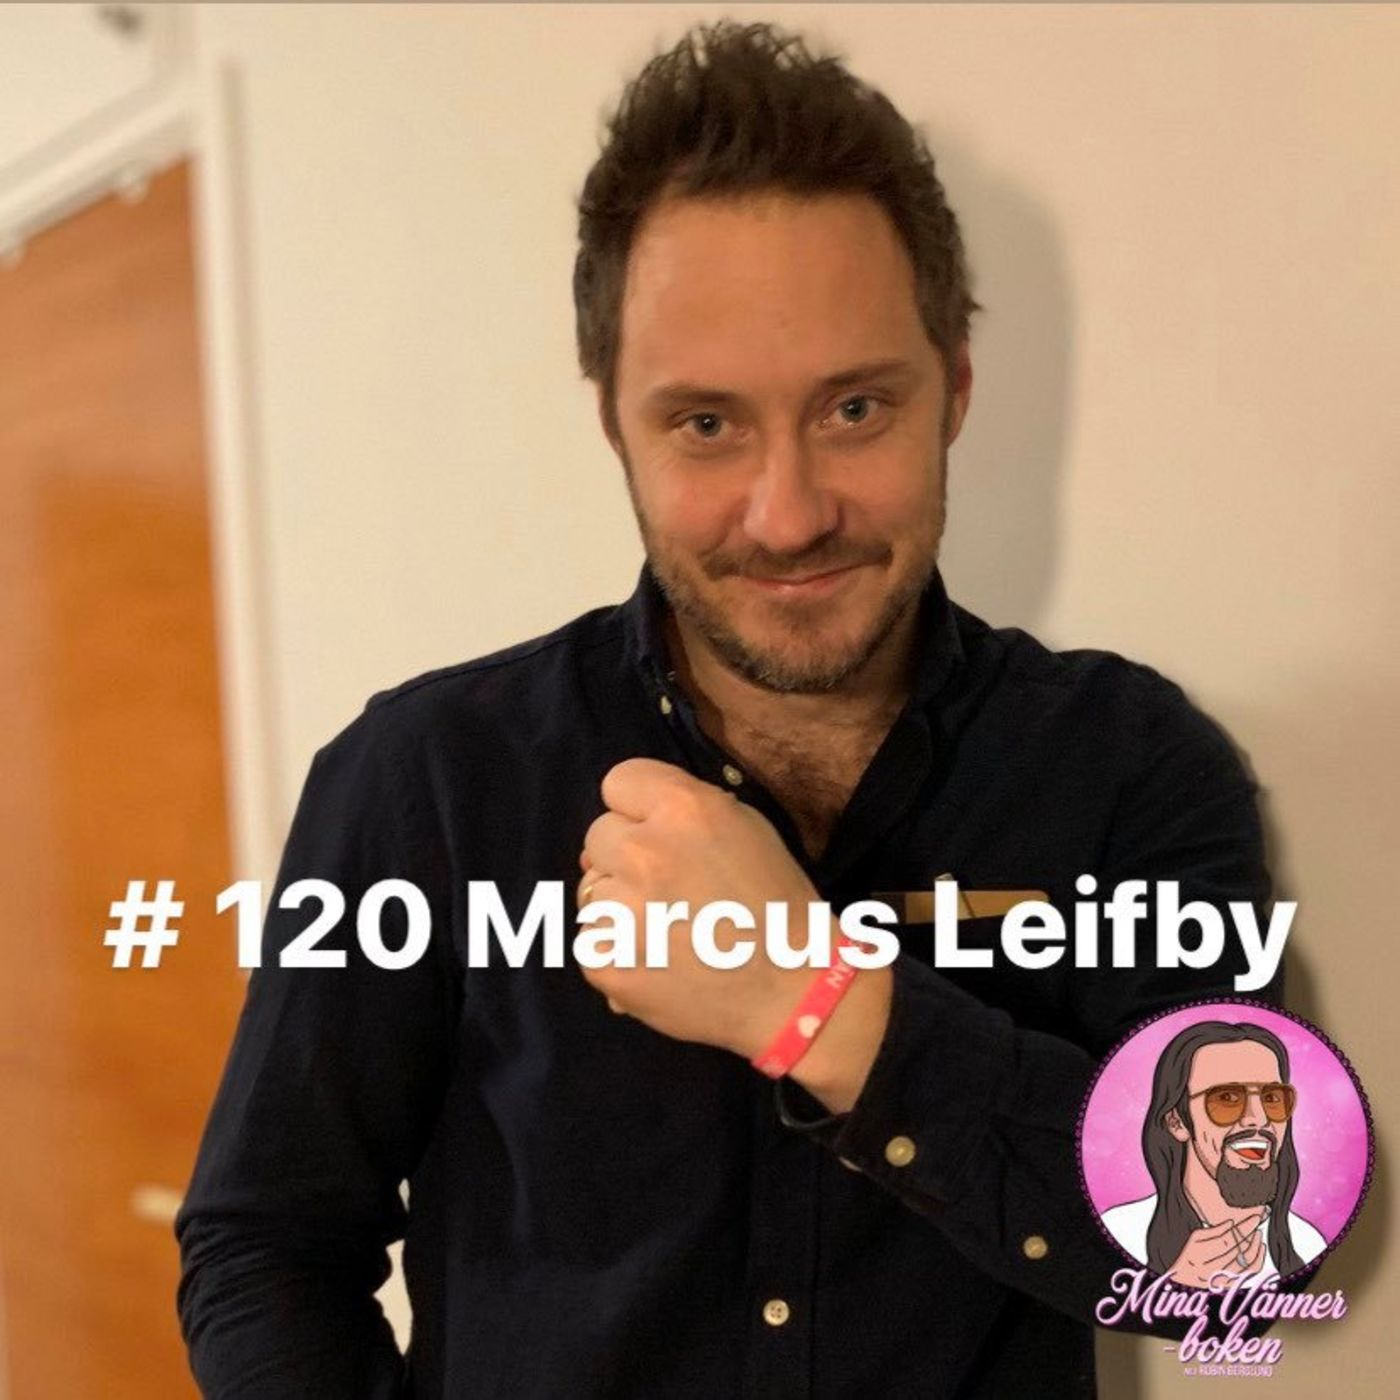 MVB #120 Marcus Leifby